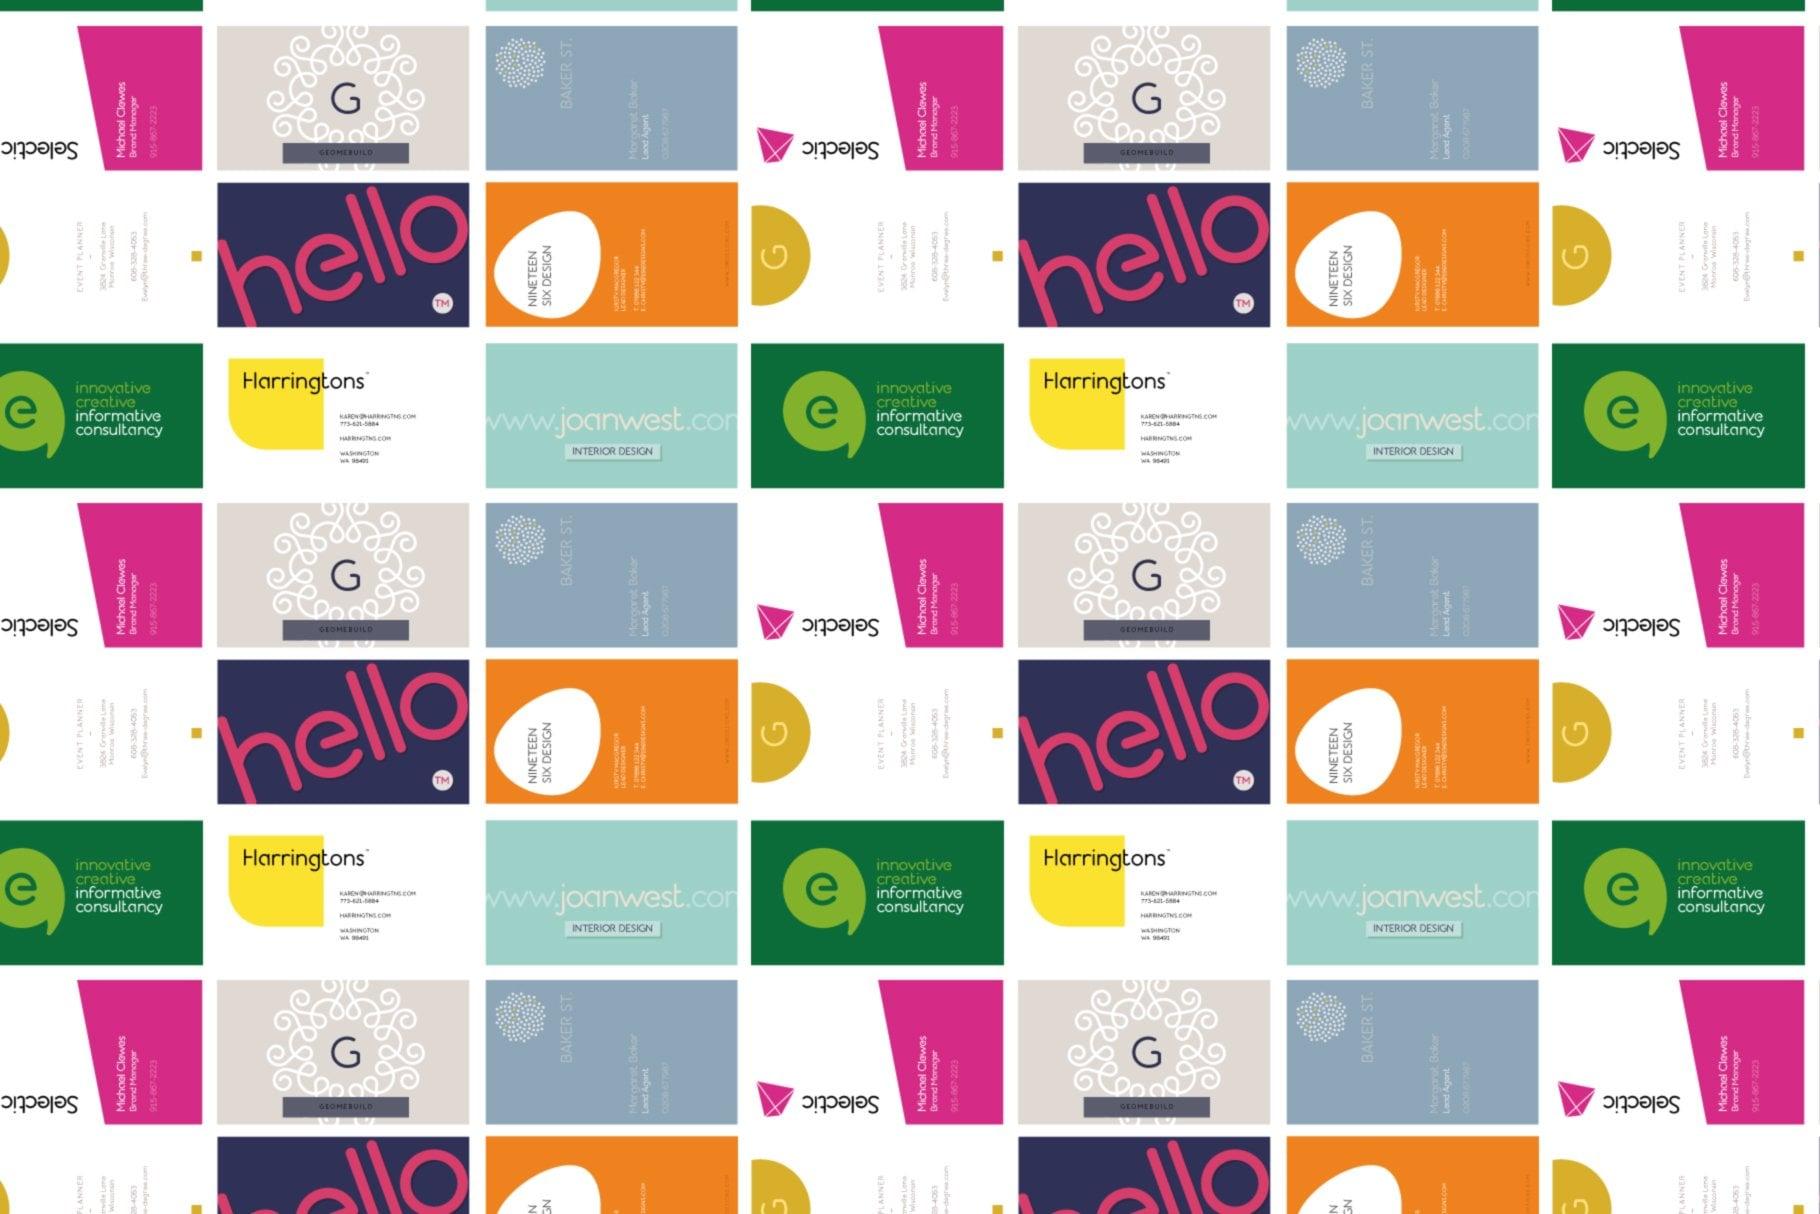 business card design using albium